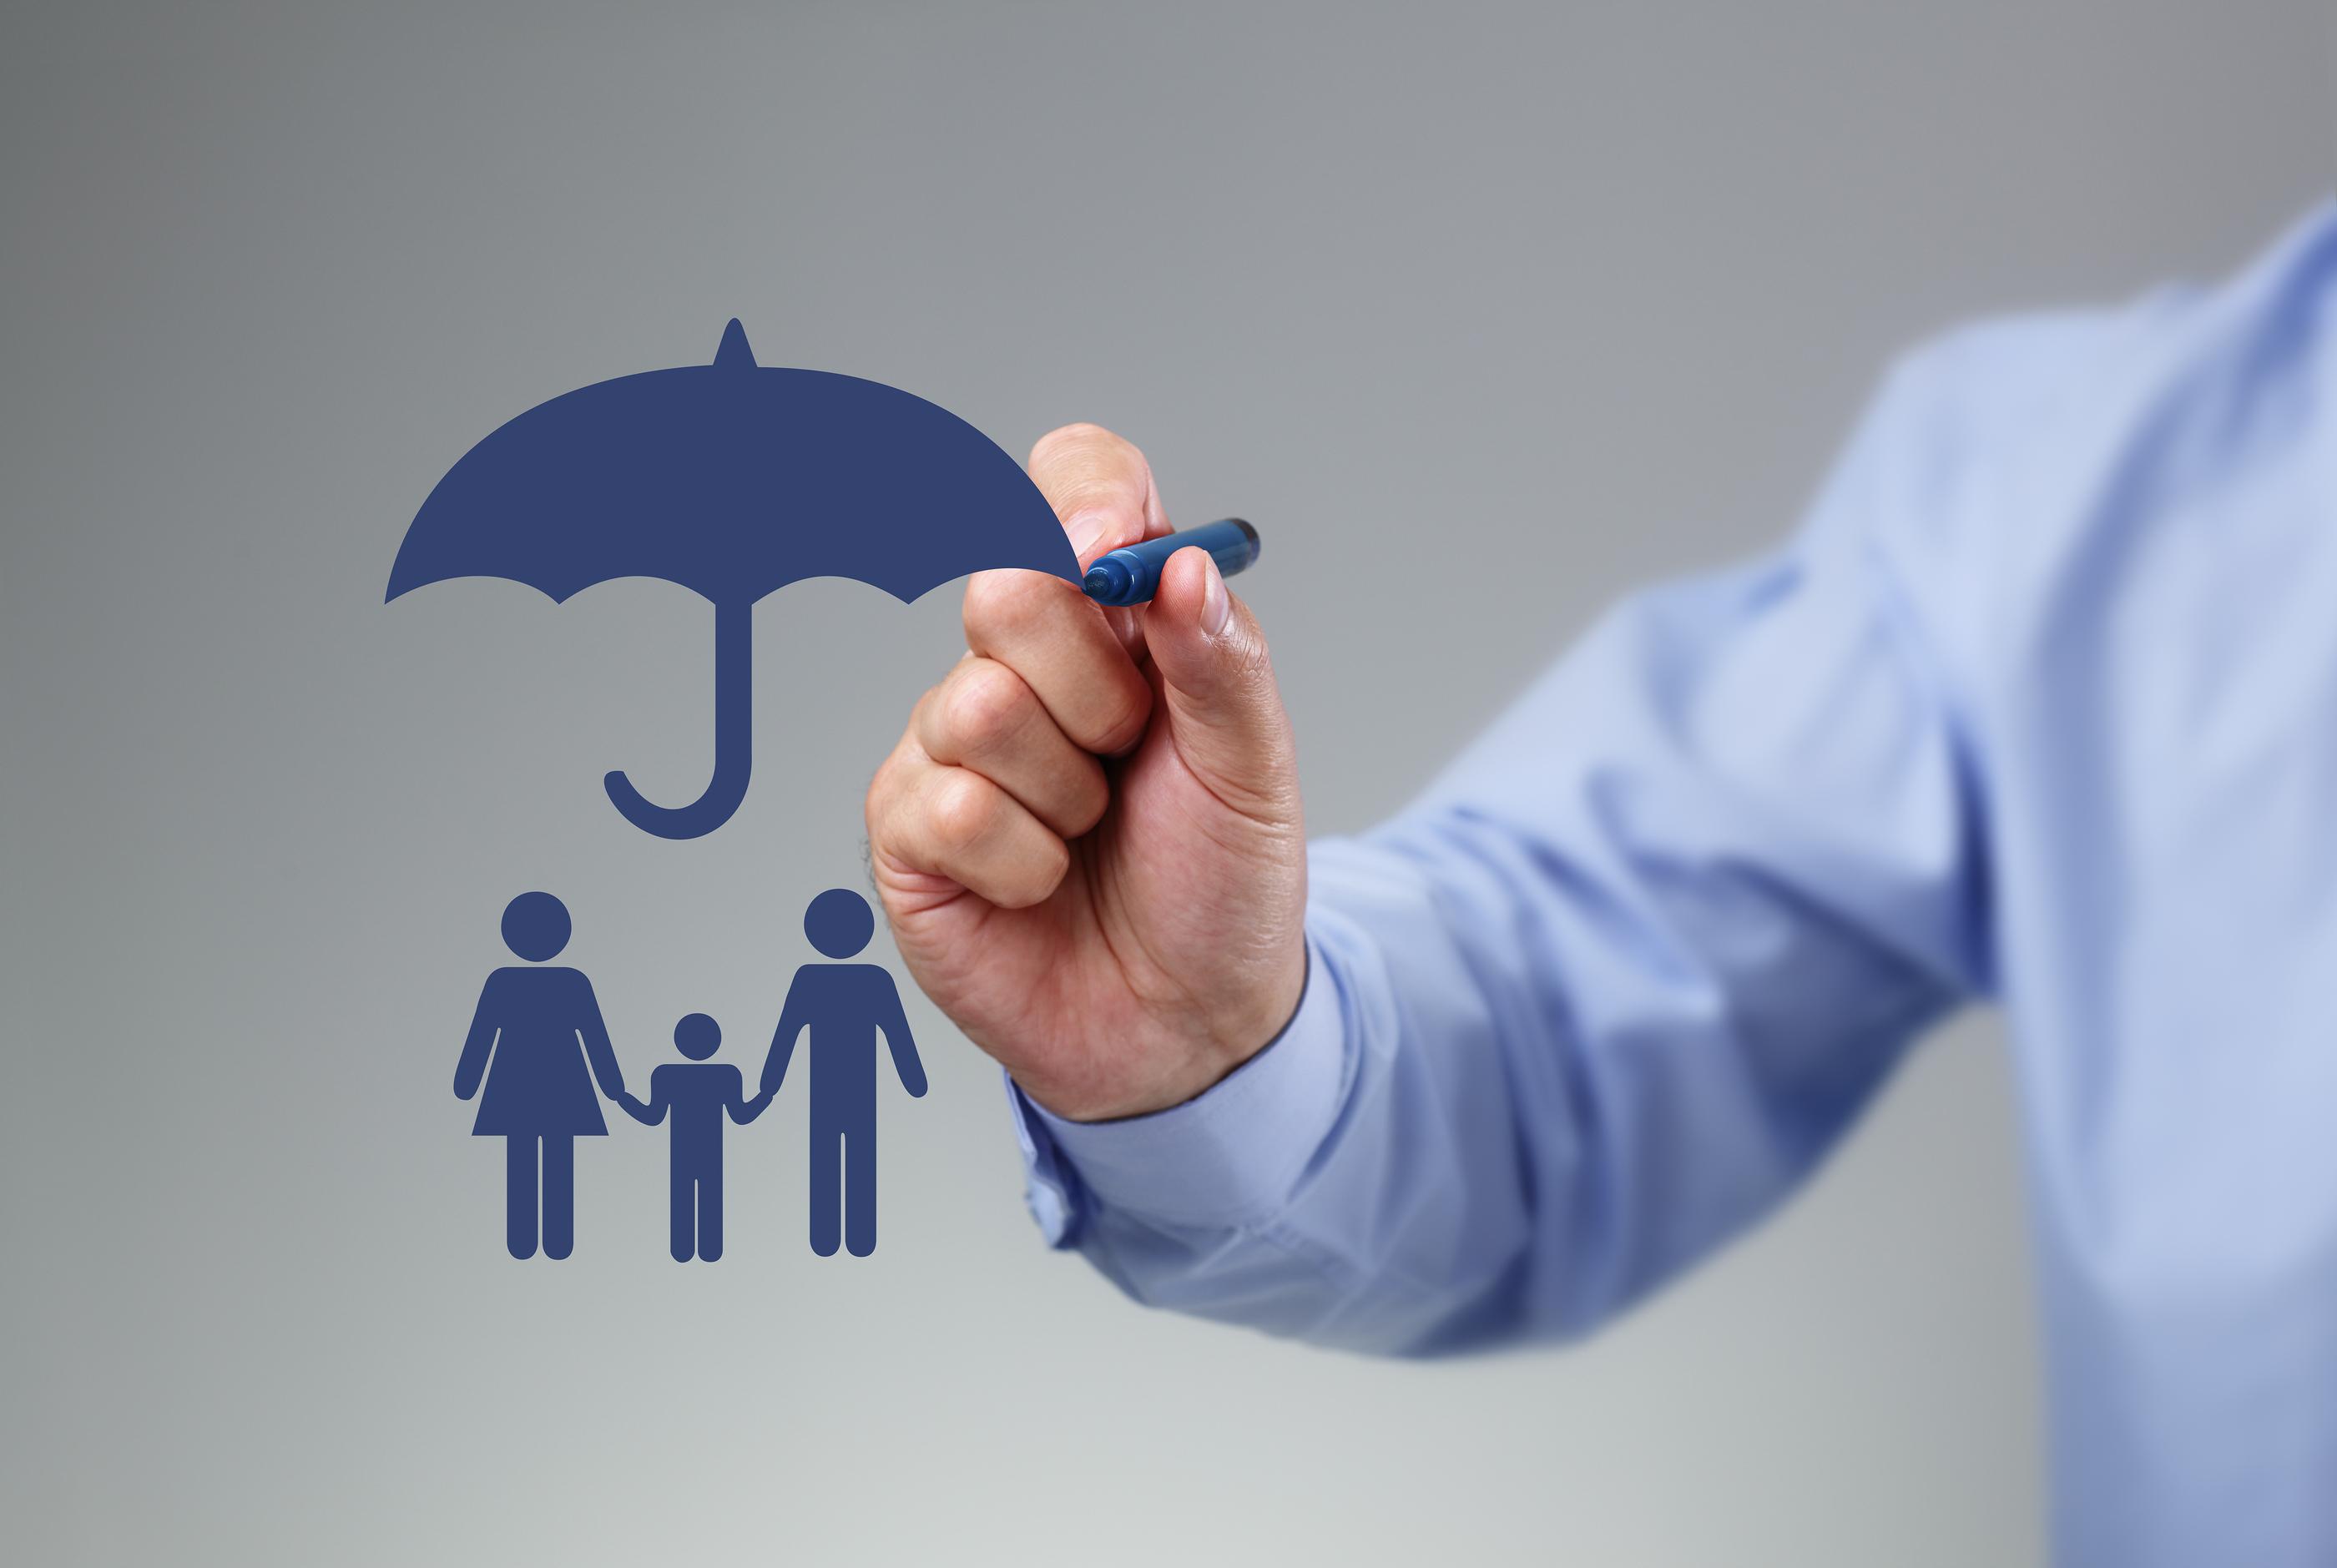 6 sự thật có thể bạn chưa biết về bảo hiểm nhân thọ - Ảnh 2.